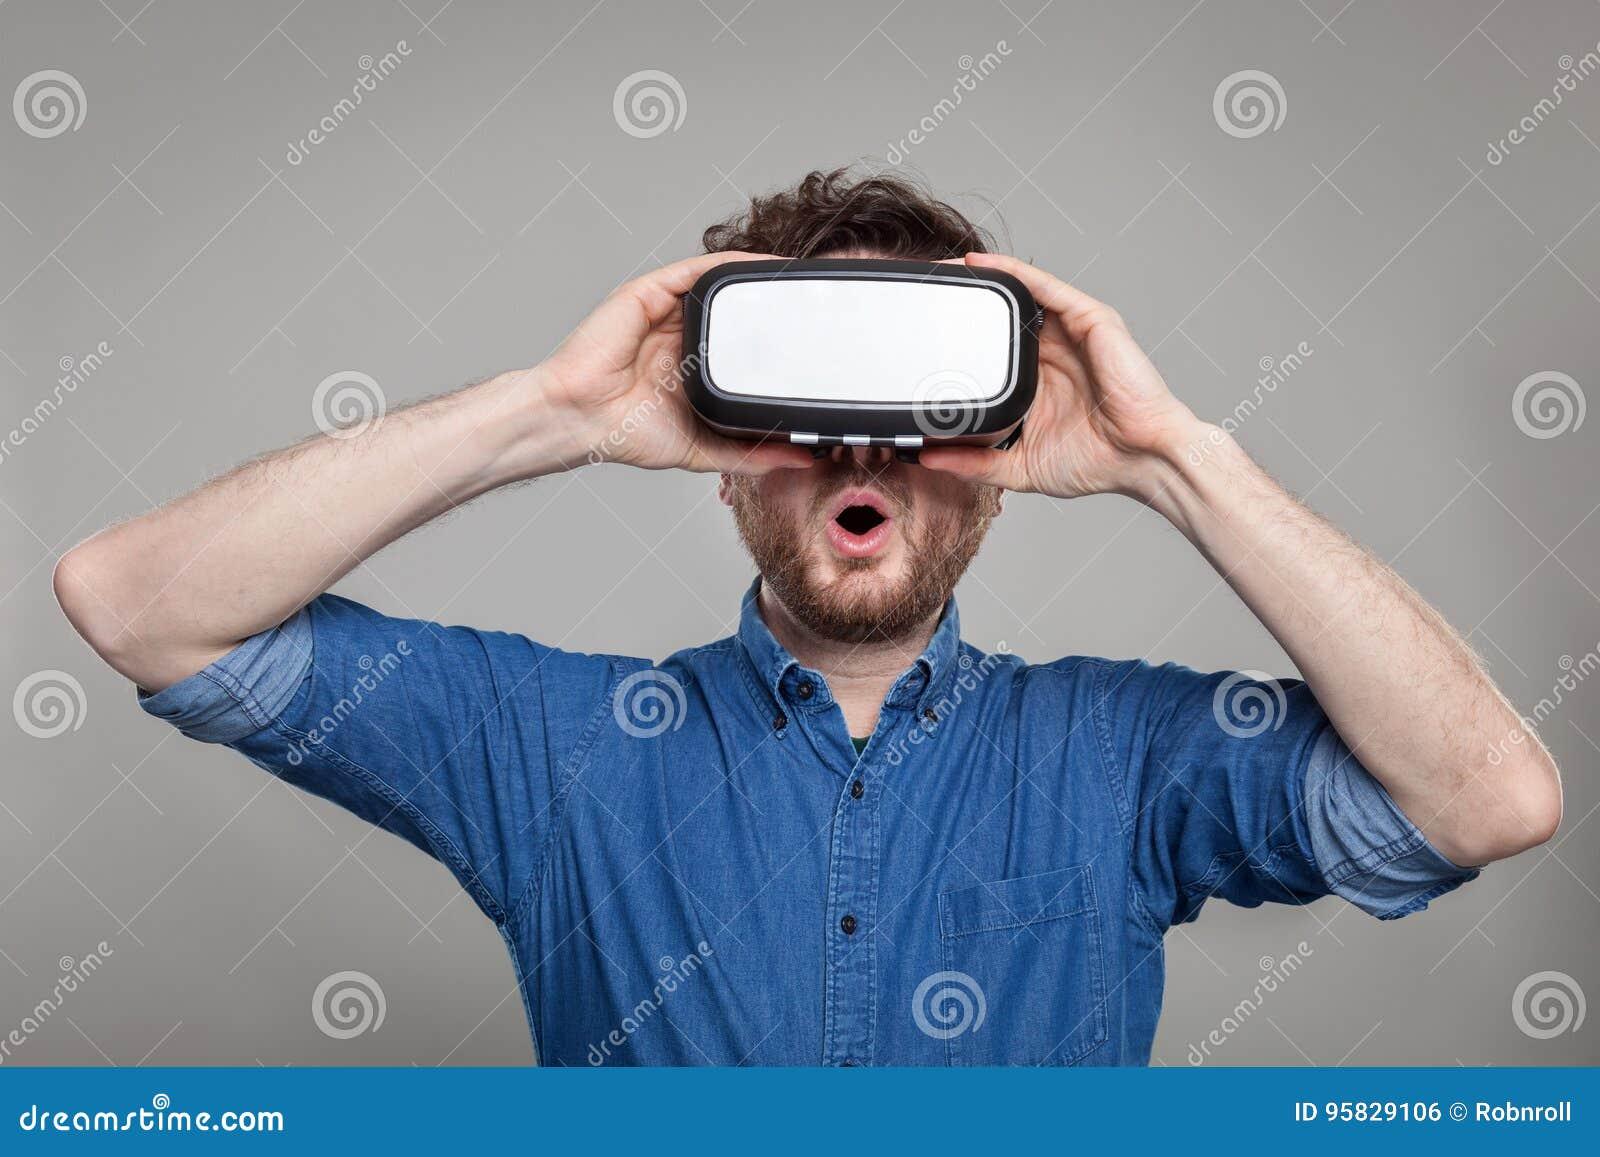 Άτομο που φορά τα προστατευτικά δίοπτρα εικονικής πραγματικότητας